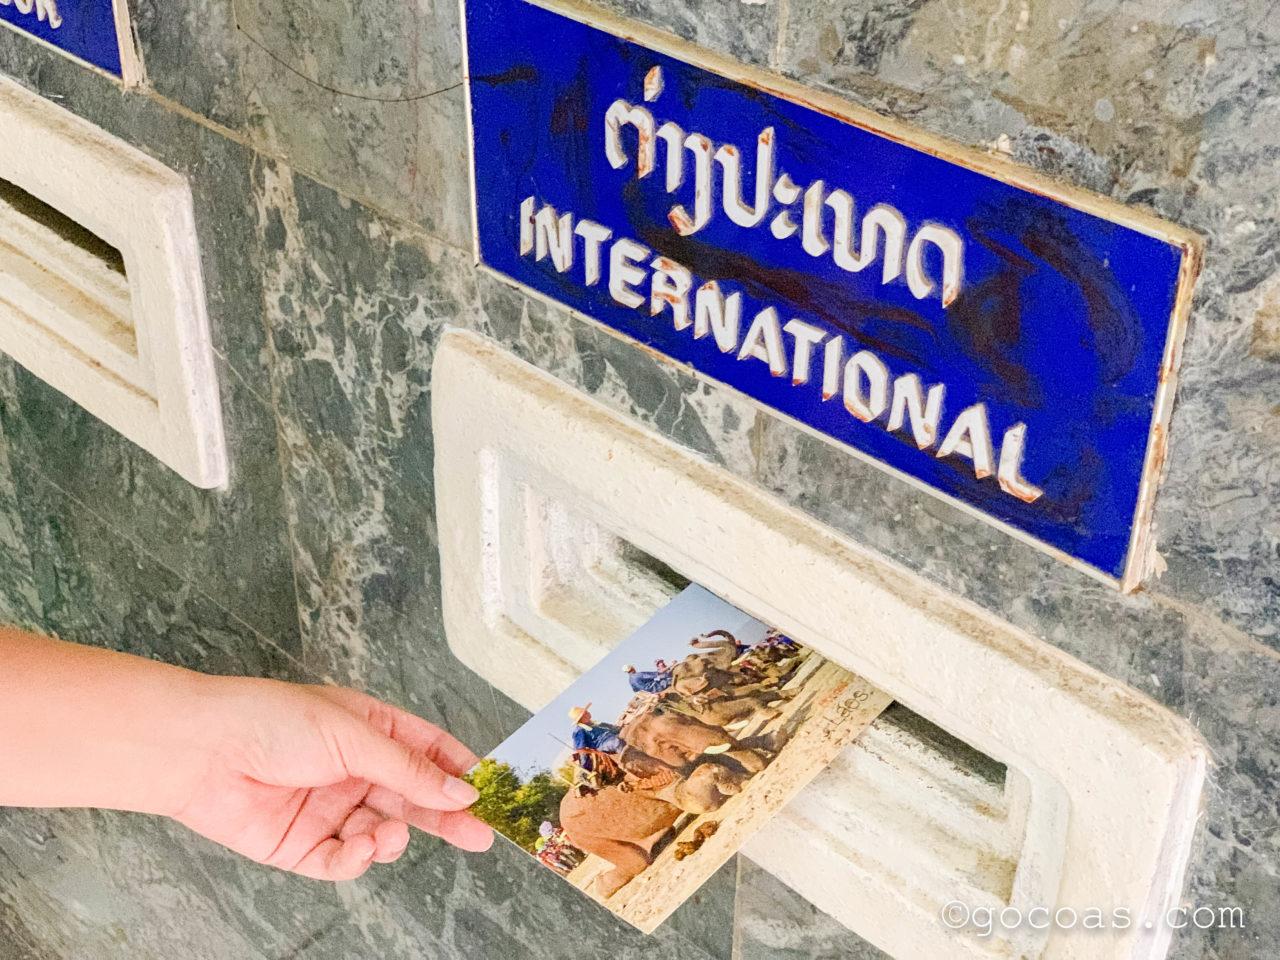 ルアンパバーンのポストカードを国際のポストに入れるところ